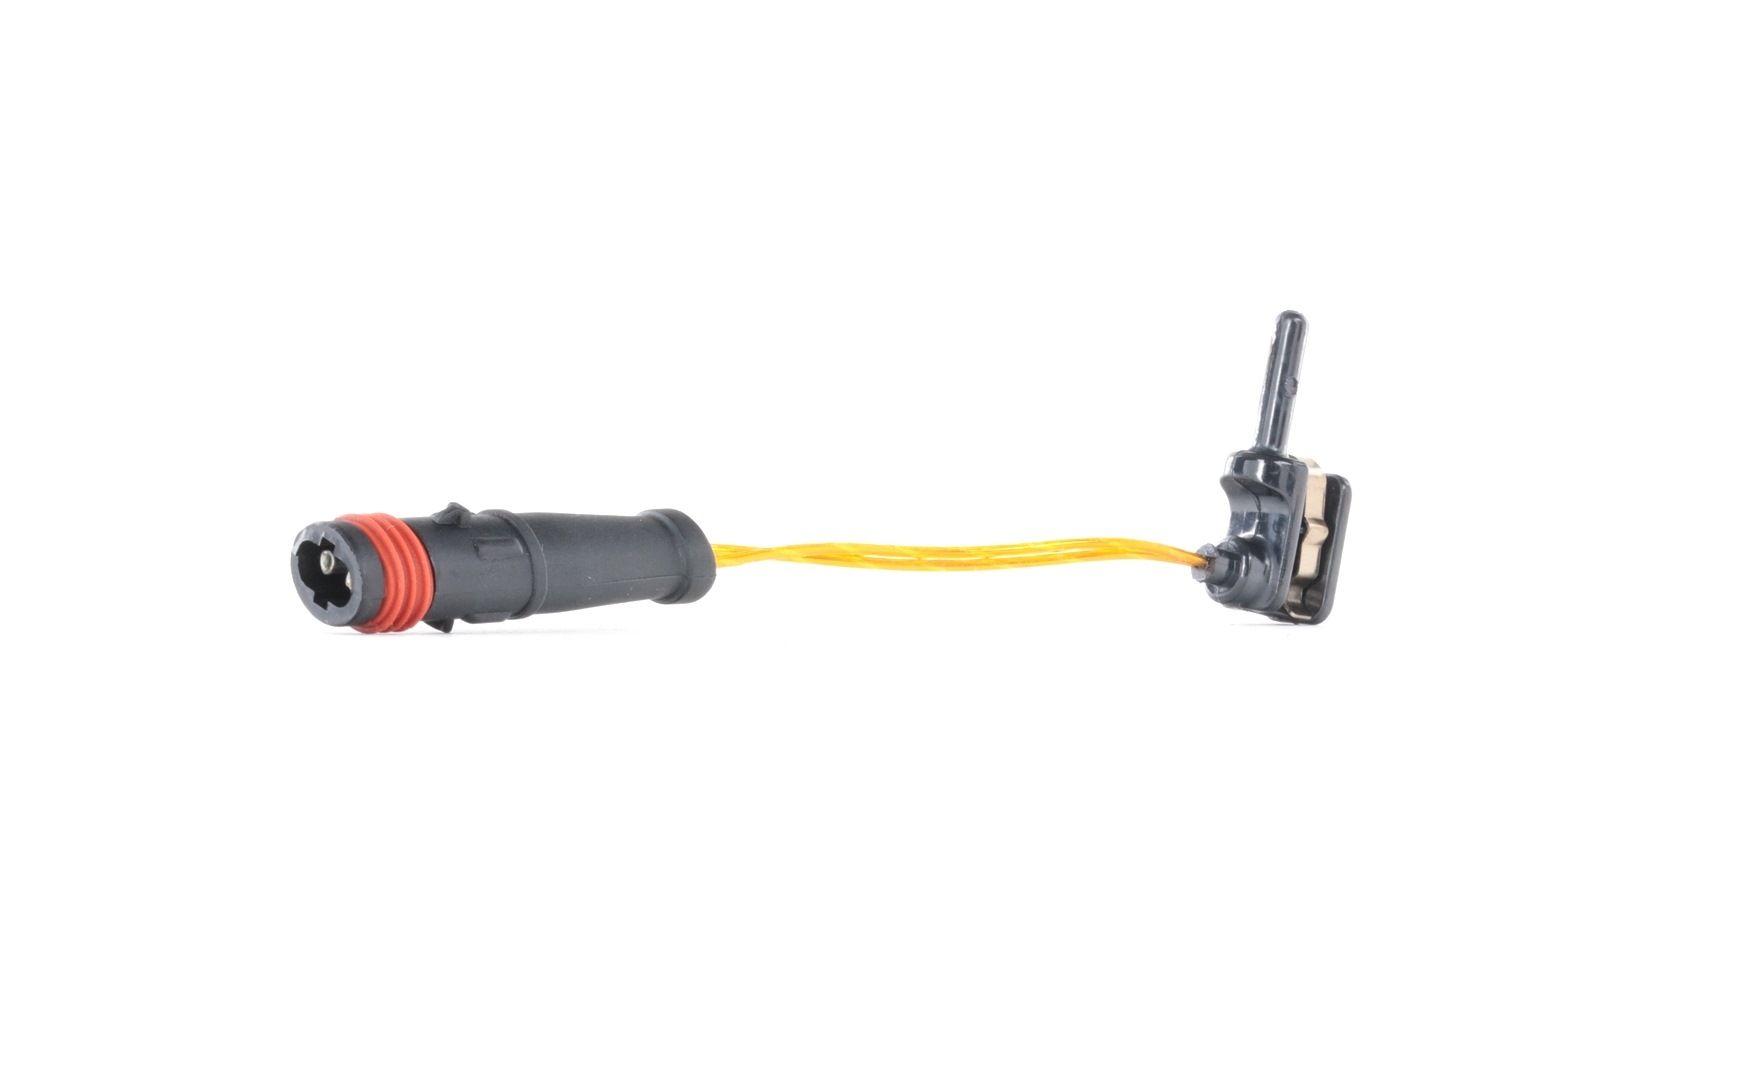 RIDEX: Original Warnkontakt Bremsbelagverschleiß 407W0002 (Warnkontaktlänge: 97,5mm)